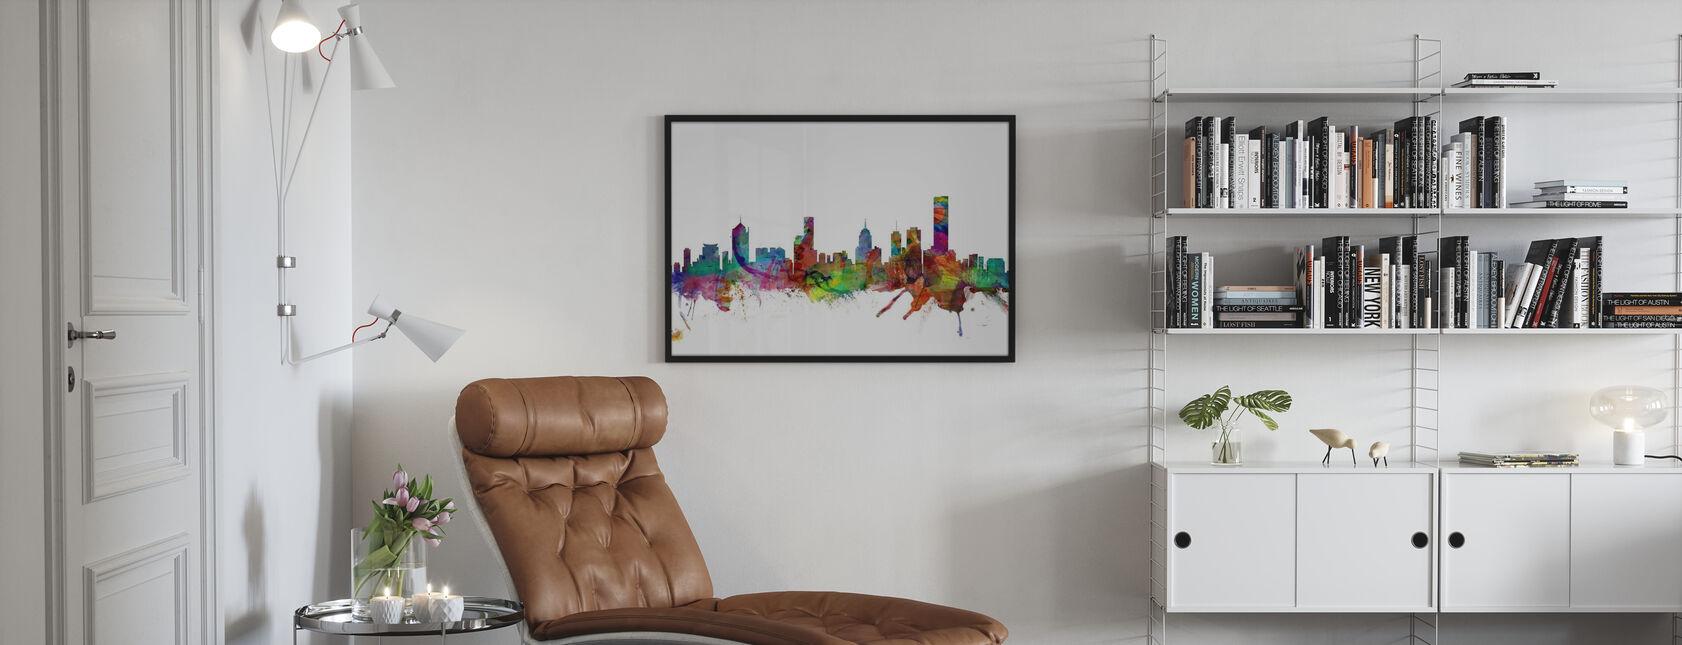 Melbourne Skyline - Poster - Living Room